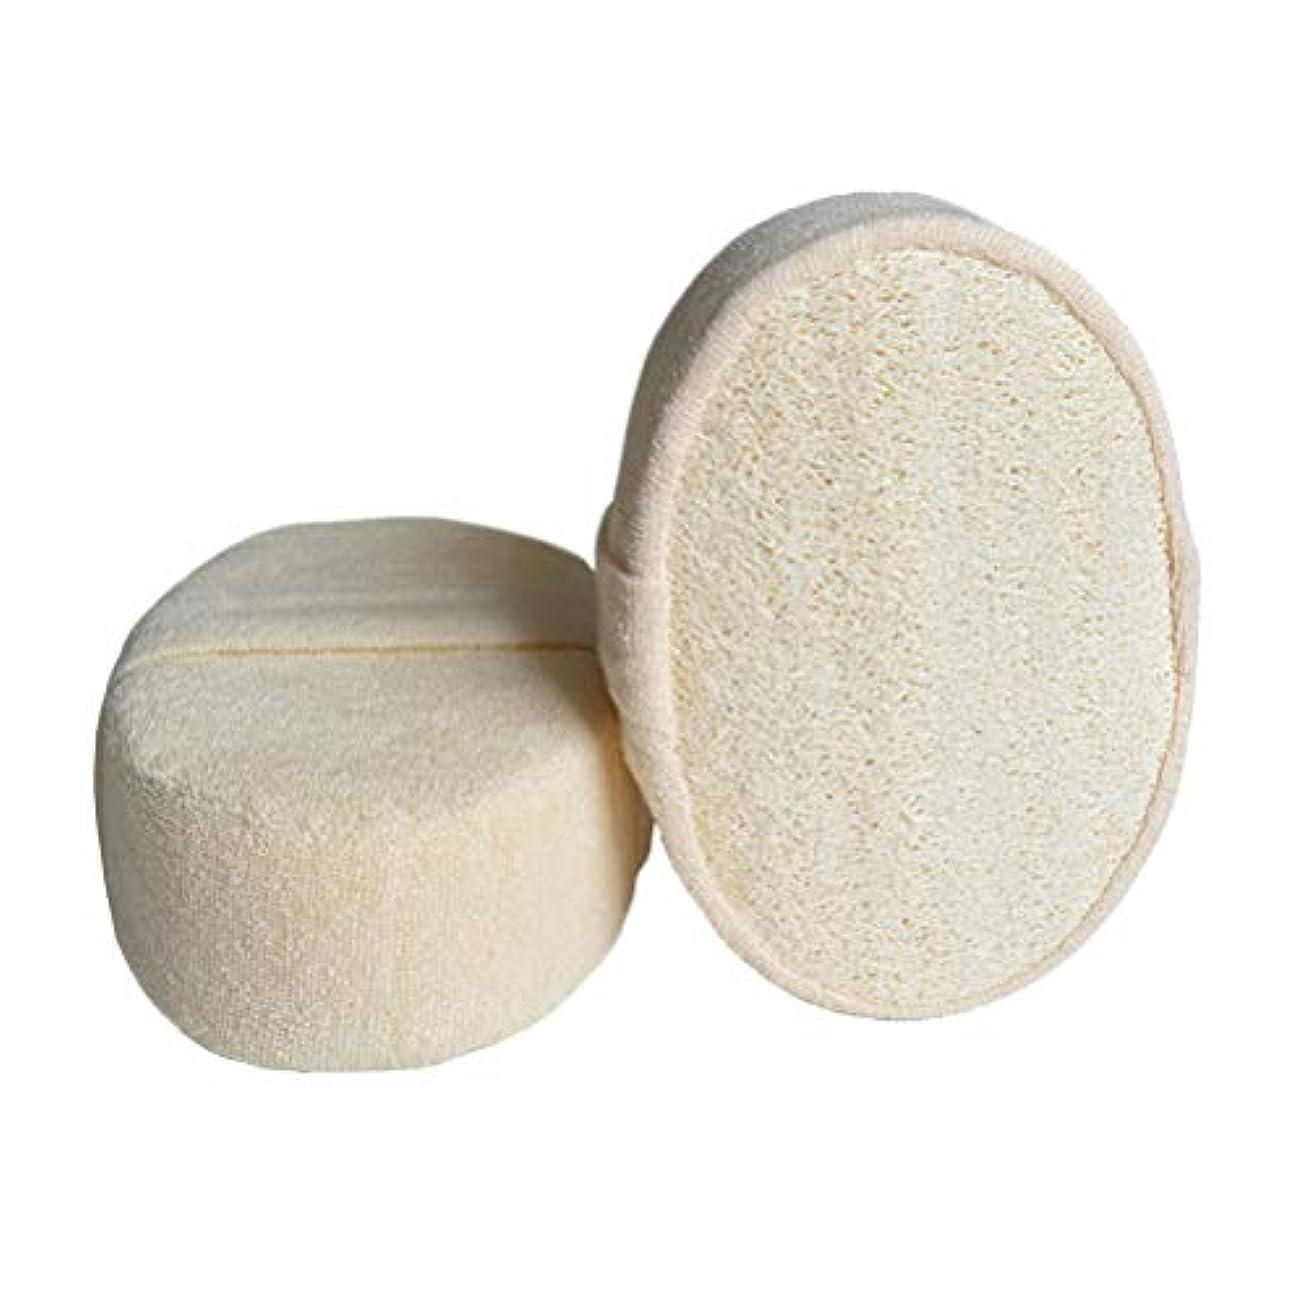 ラボ豊富に特徴TOPBATHY 2ピース角質除去loofahパッドloofaスポンジスクラバーブラシ用風呂スパとシャワー